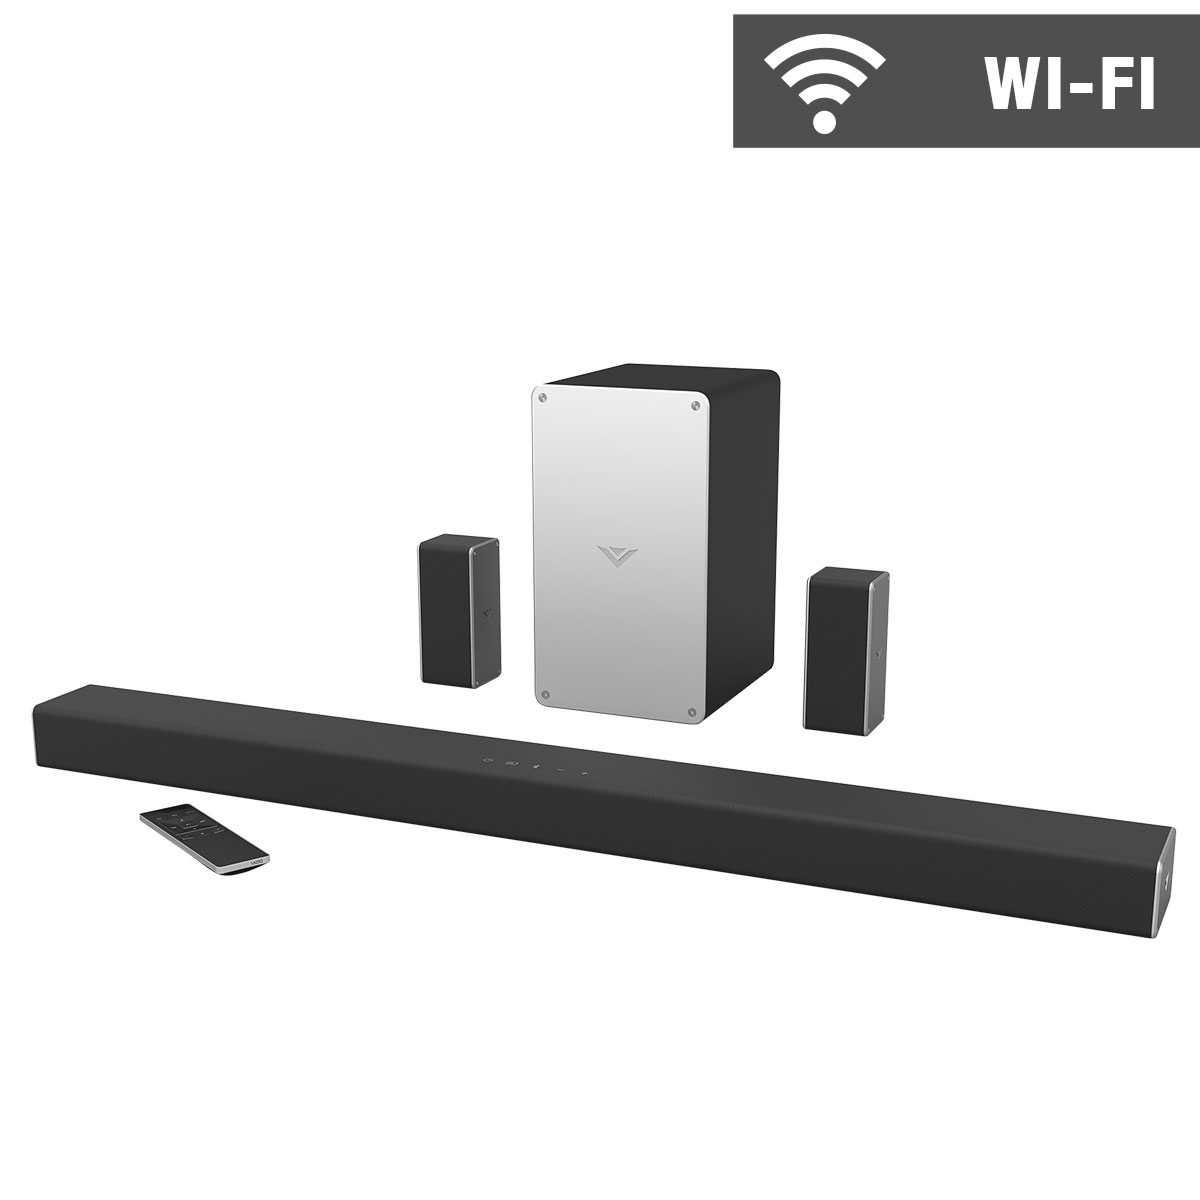 Costco members: Vizio SB3651-E6 5.1 Soundbar + free shipping $180